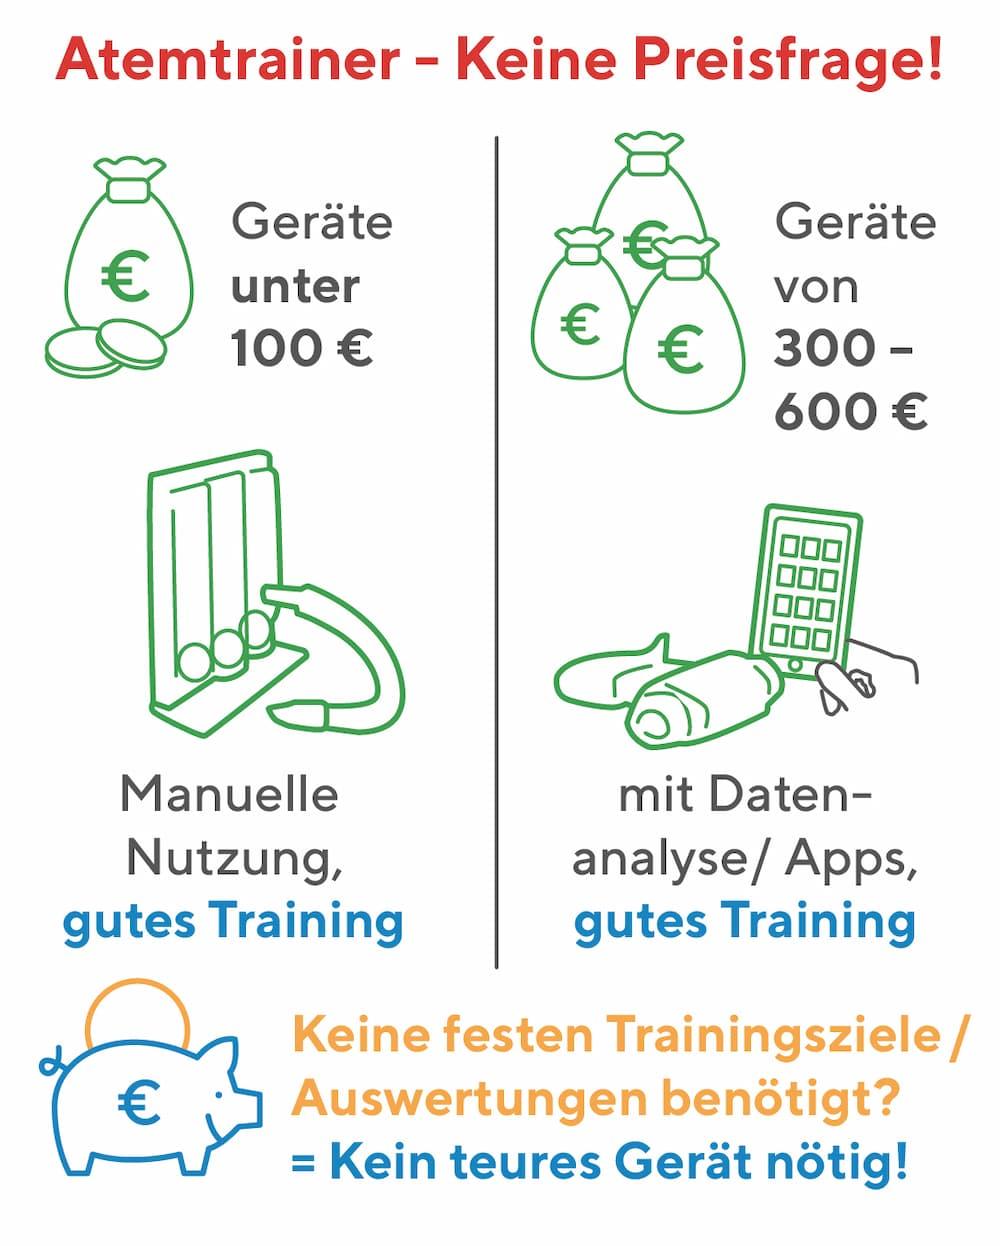 Kosten von Atemtrainern